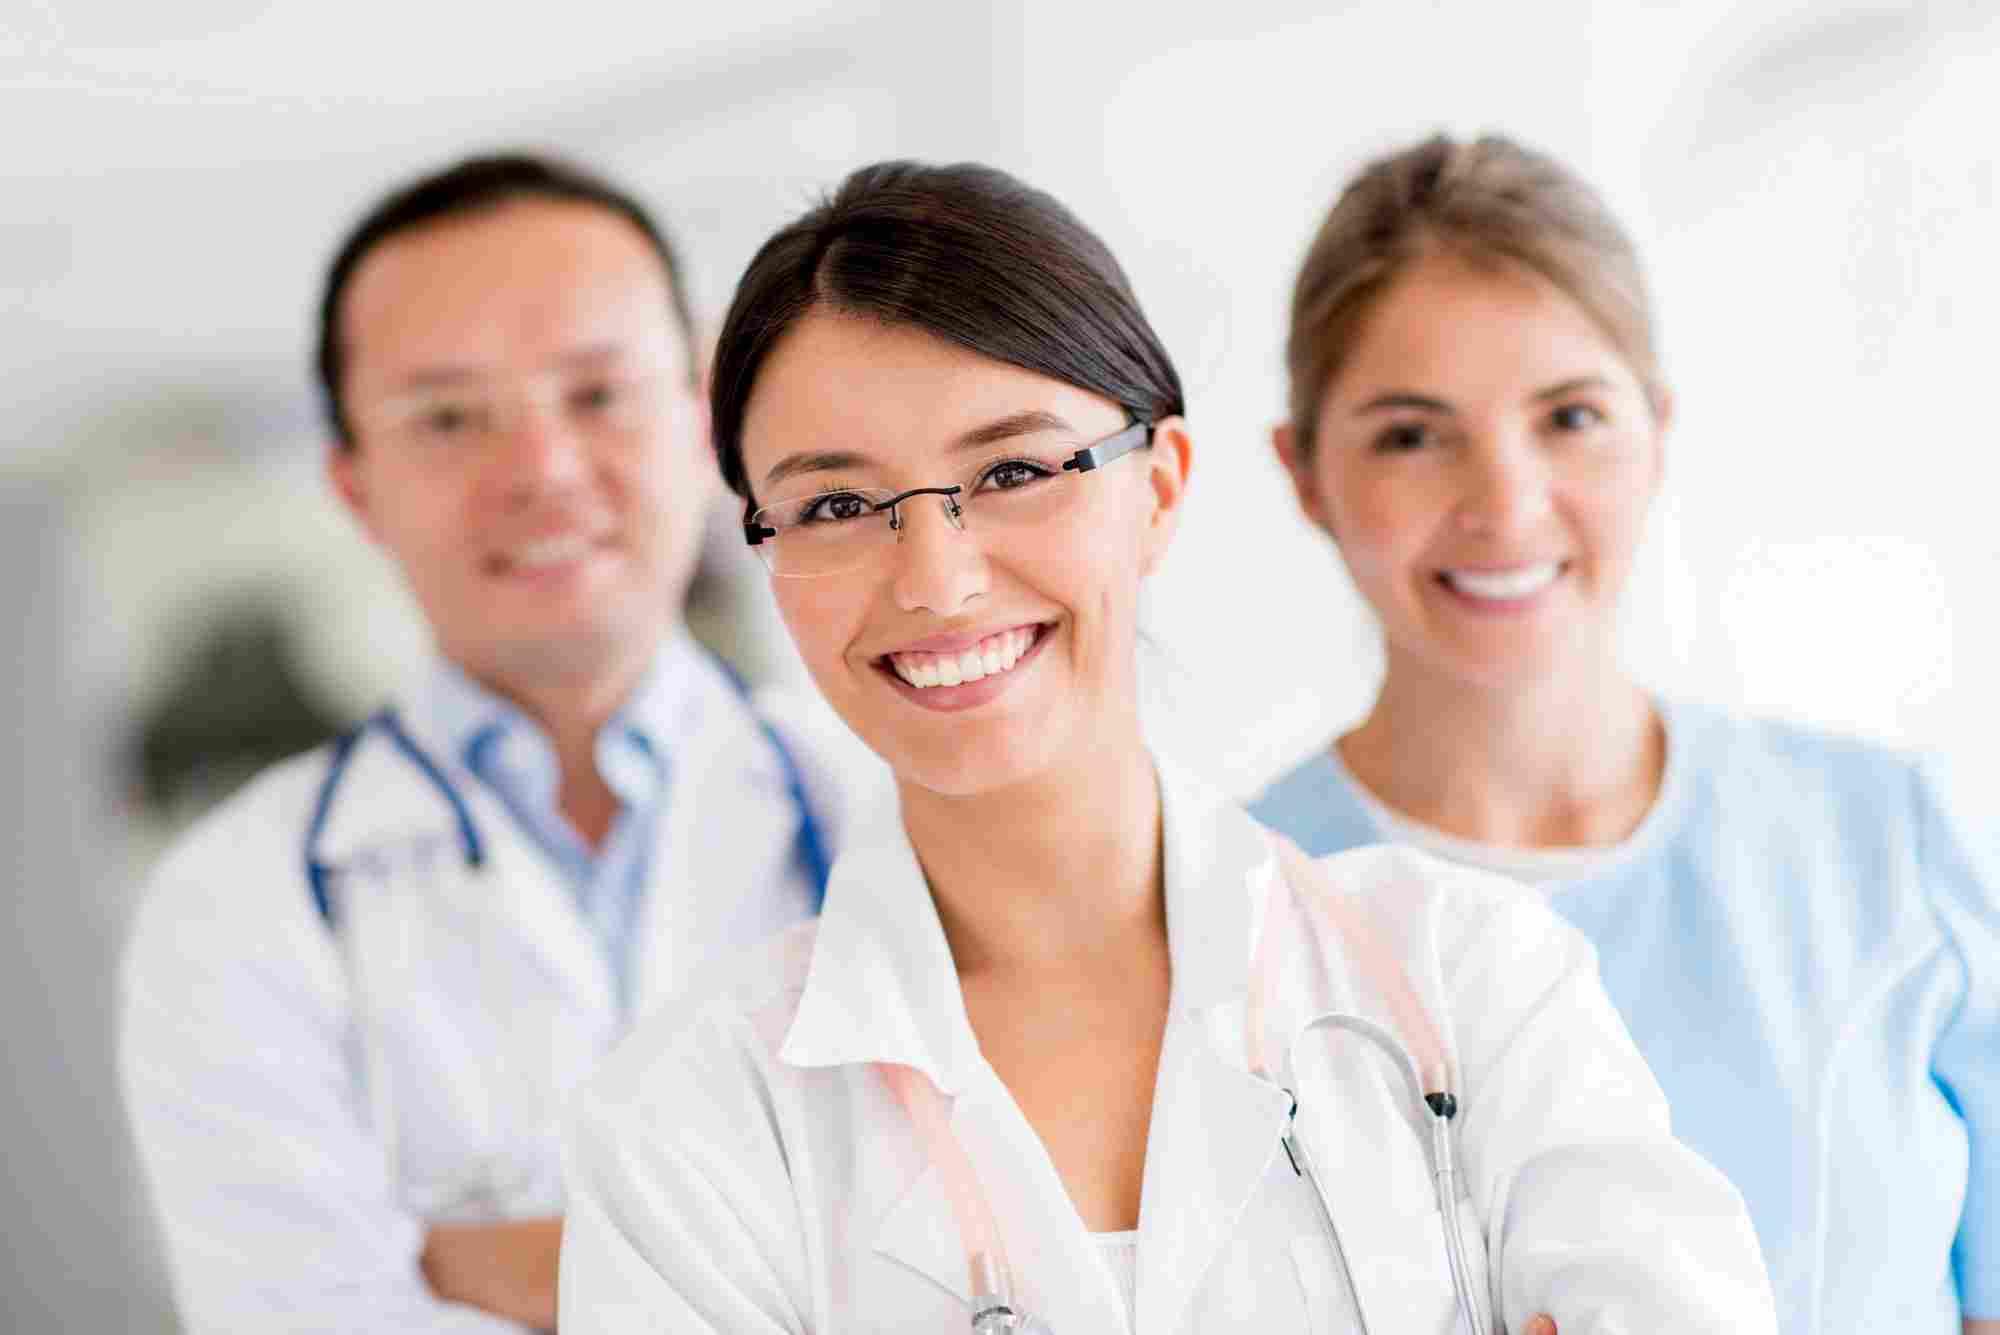 https://www.hakanbayraktar.com.tr/wp-content/uploads/2015/12/doctors.jpg